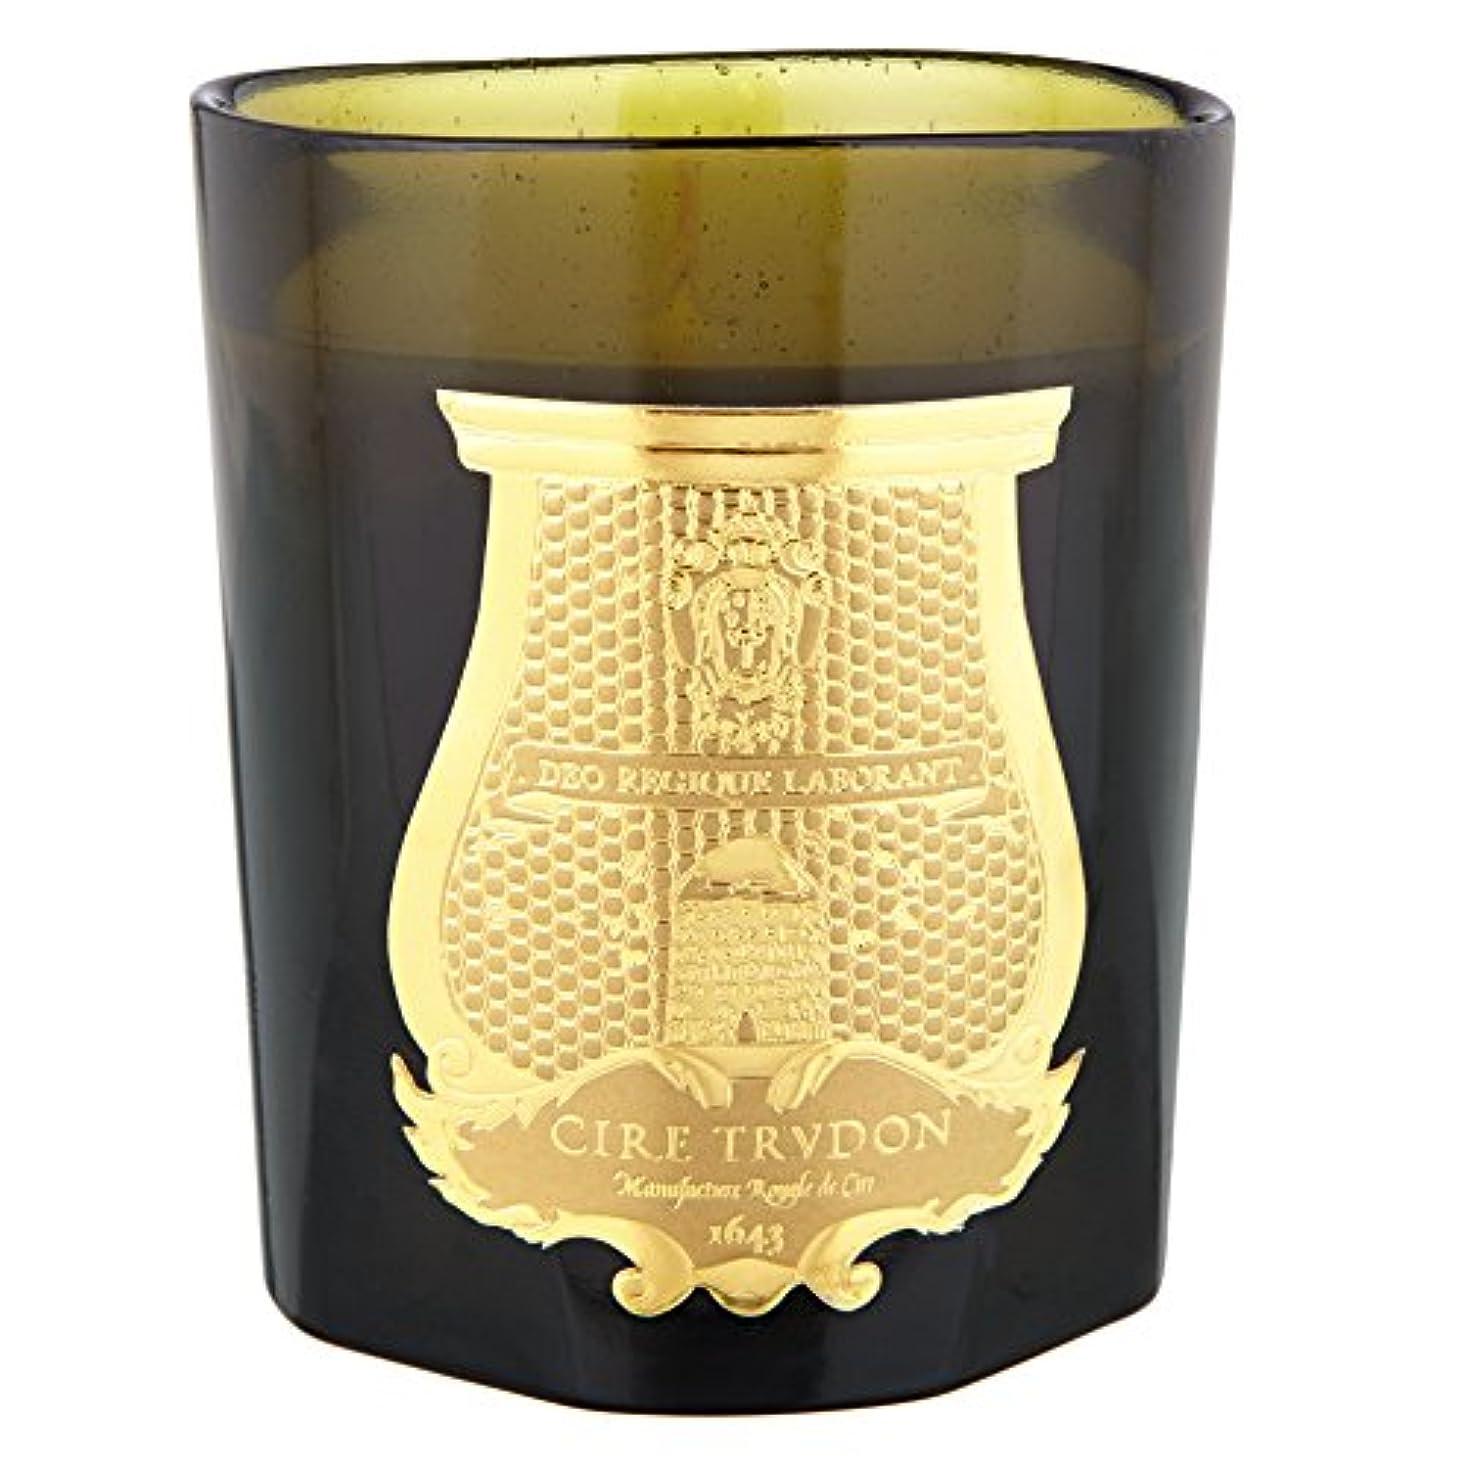 八百屋とまり木不適Cire Trudonオダリスク香りのキャンドル (Cire Trudon) - Cire Trudon Odalisque Scented Candle [並行輸入品]